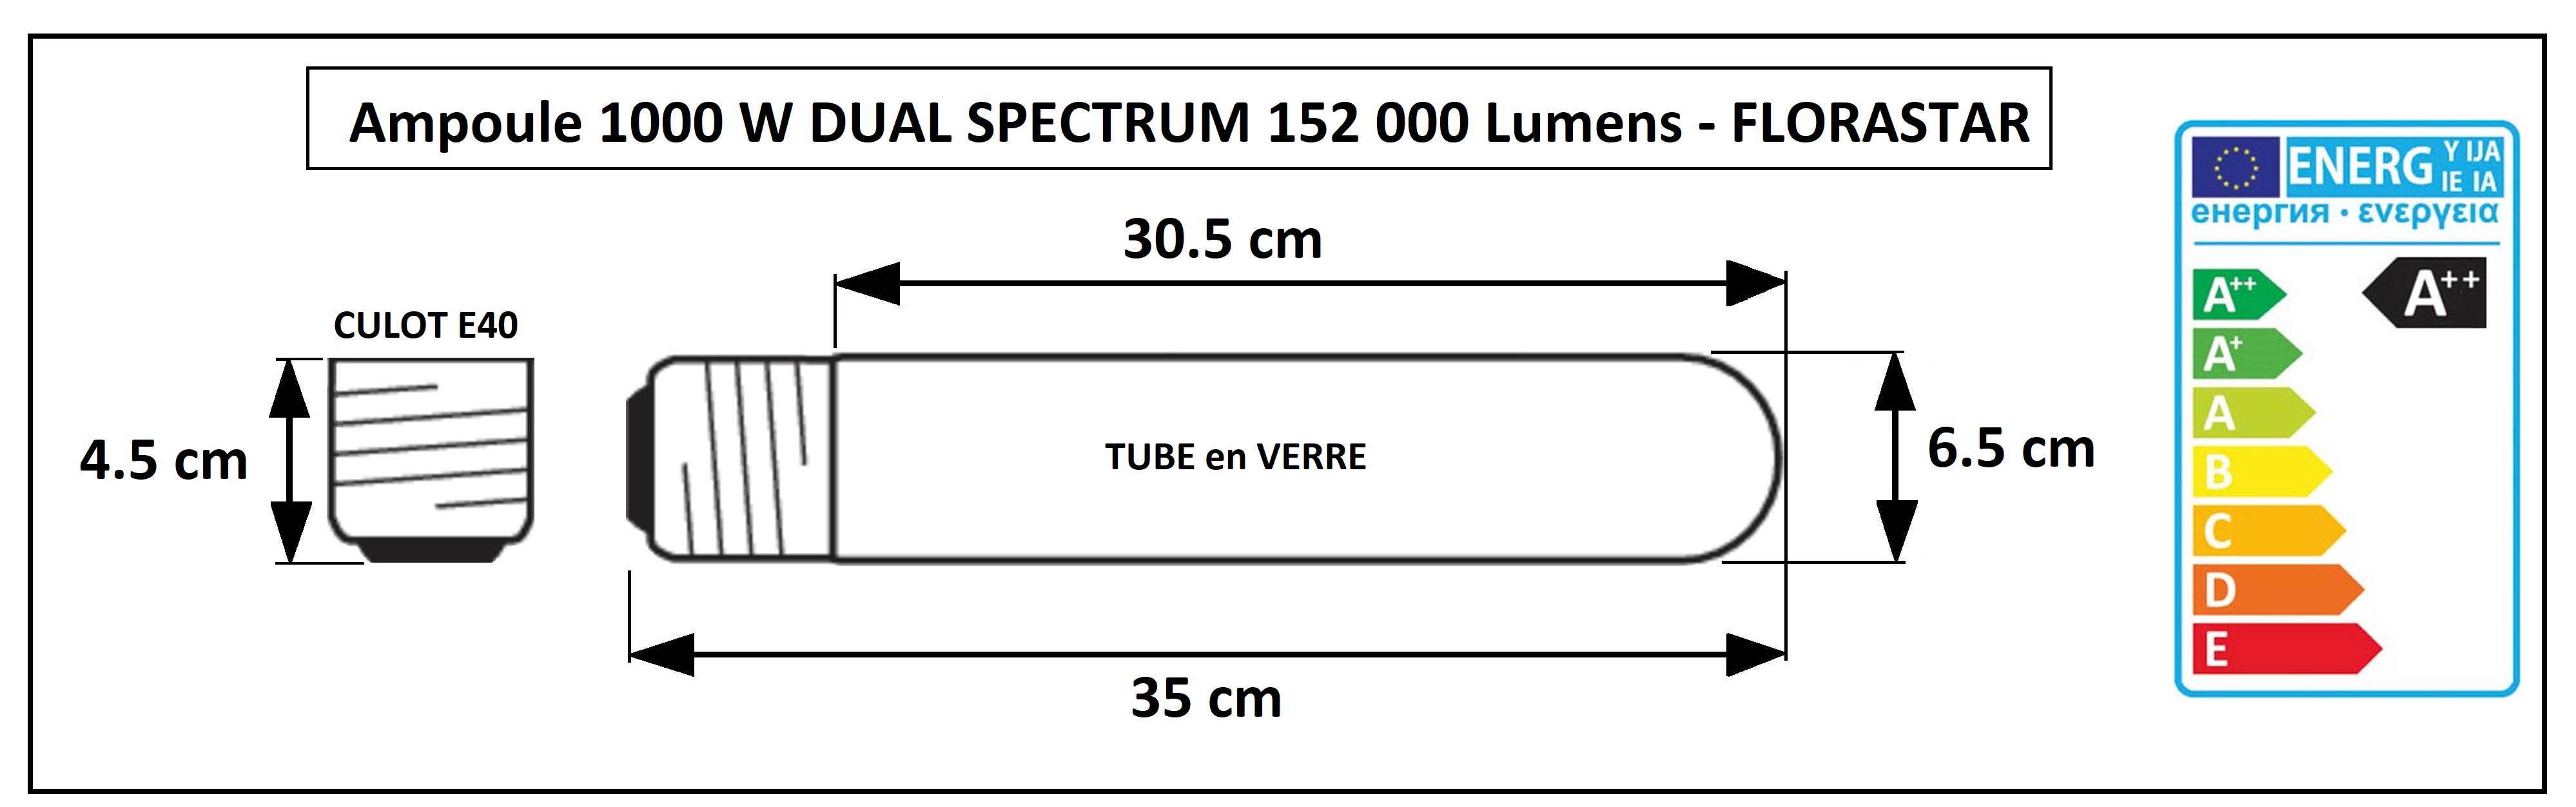 Ampoule HPS 1000 W croissance et floraison Florastar